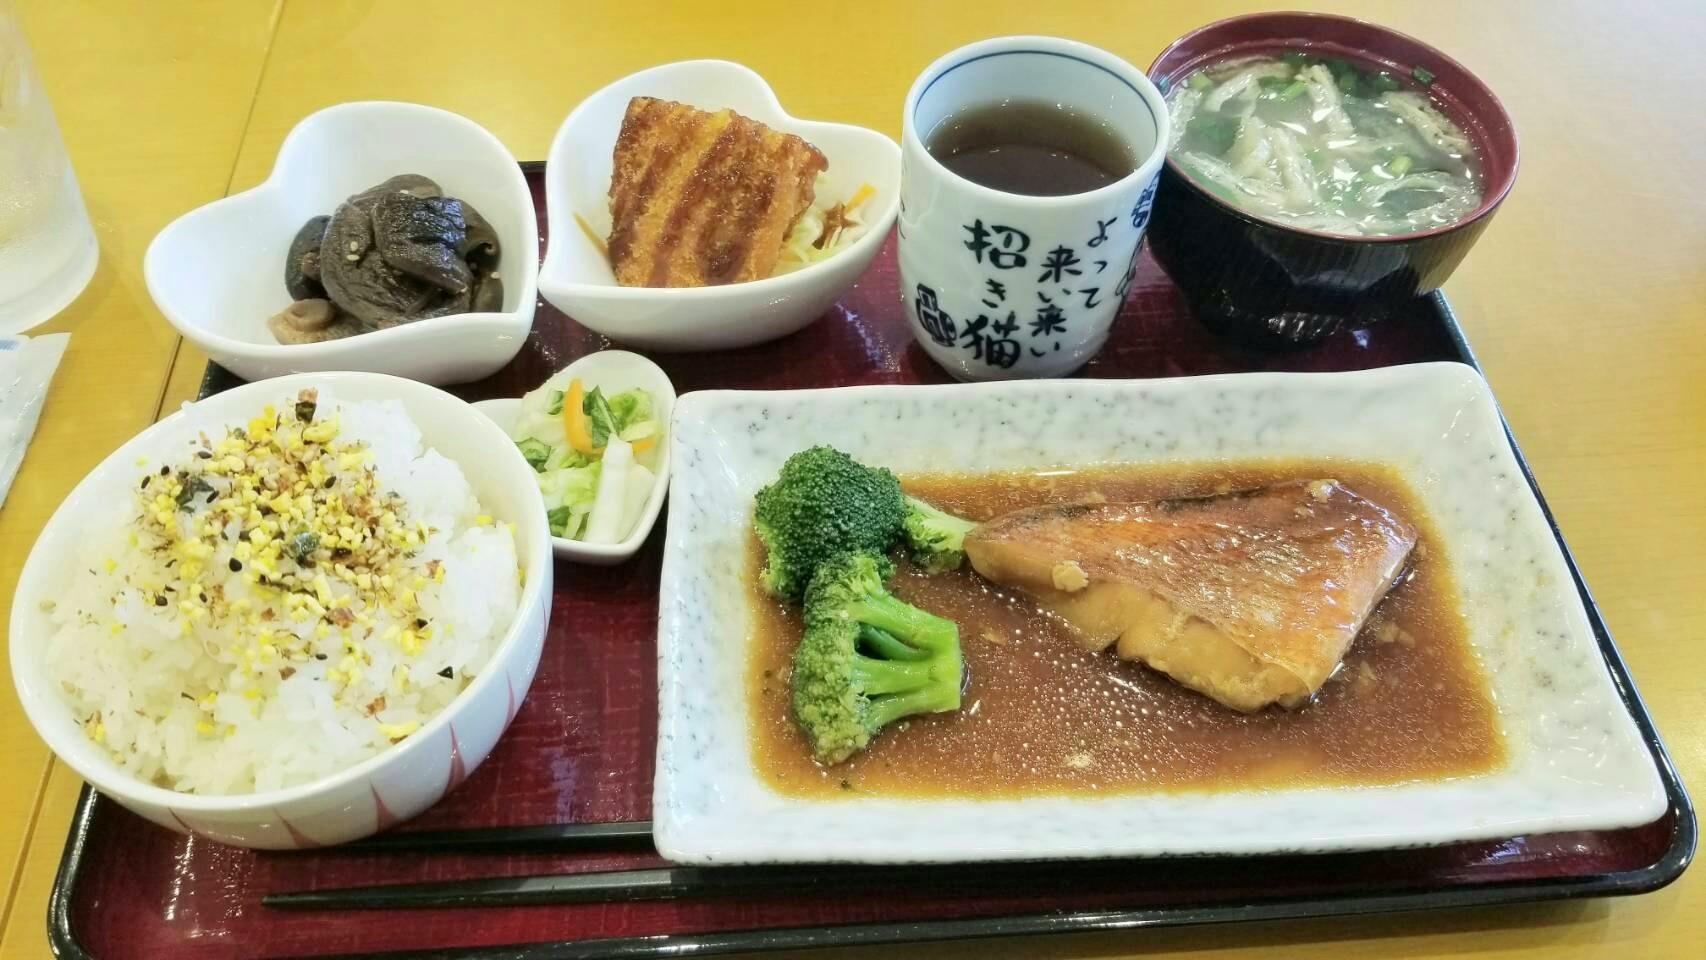 愛媛県松山市グルメ巡りランチパスポートおいしい安い低コスト